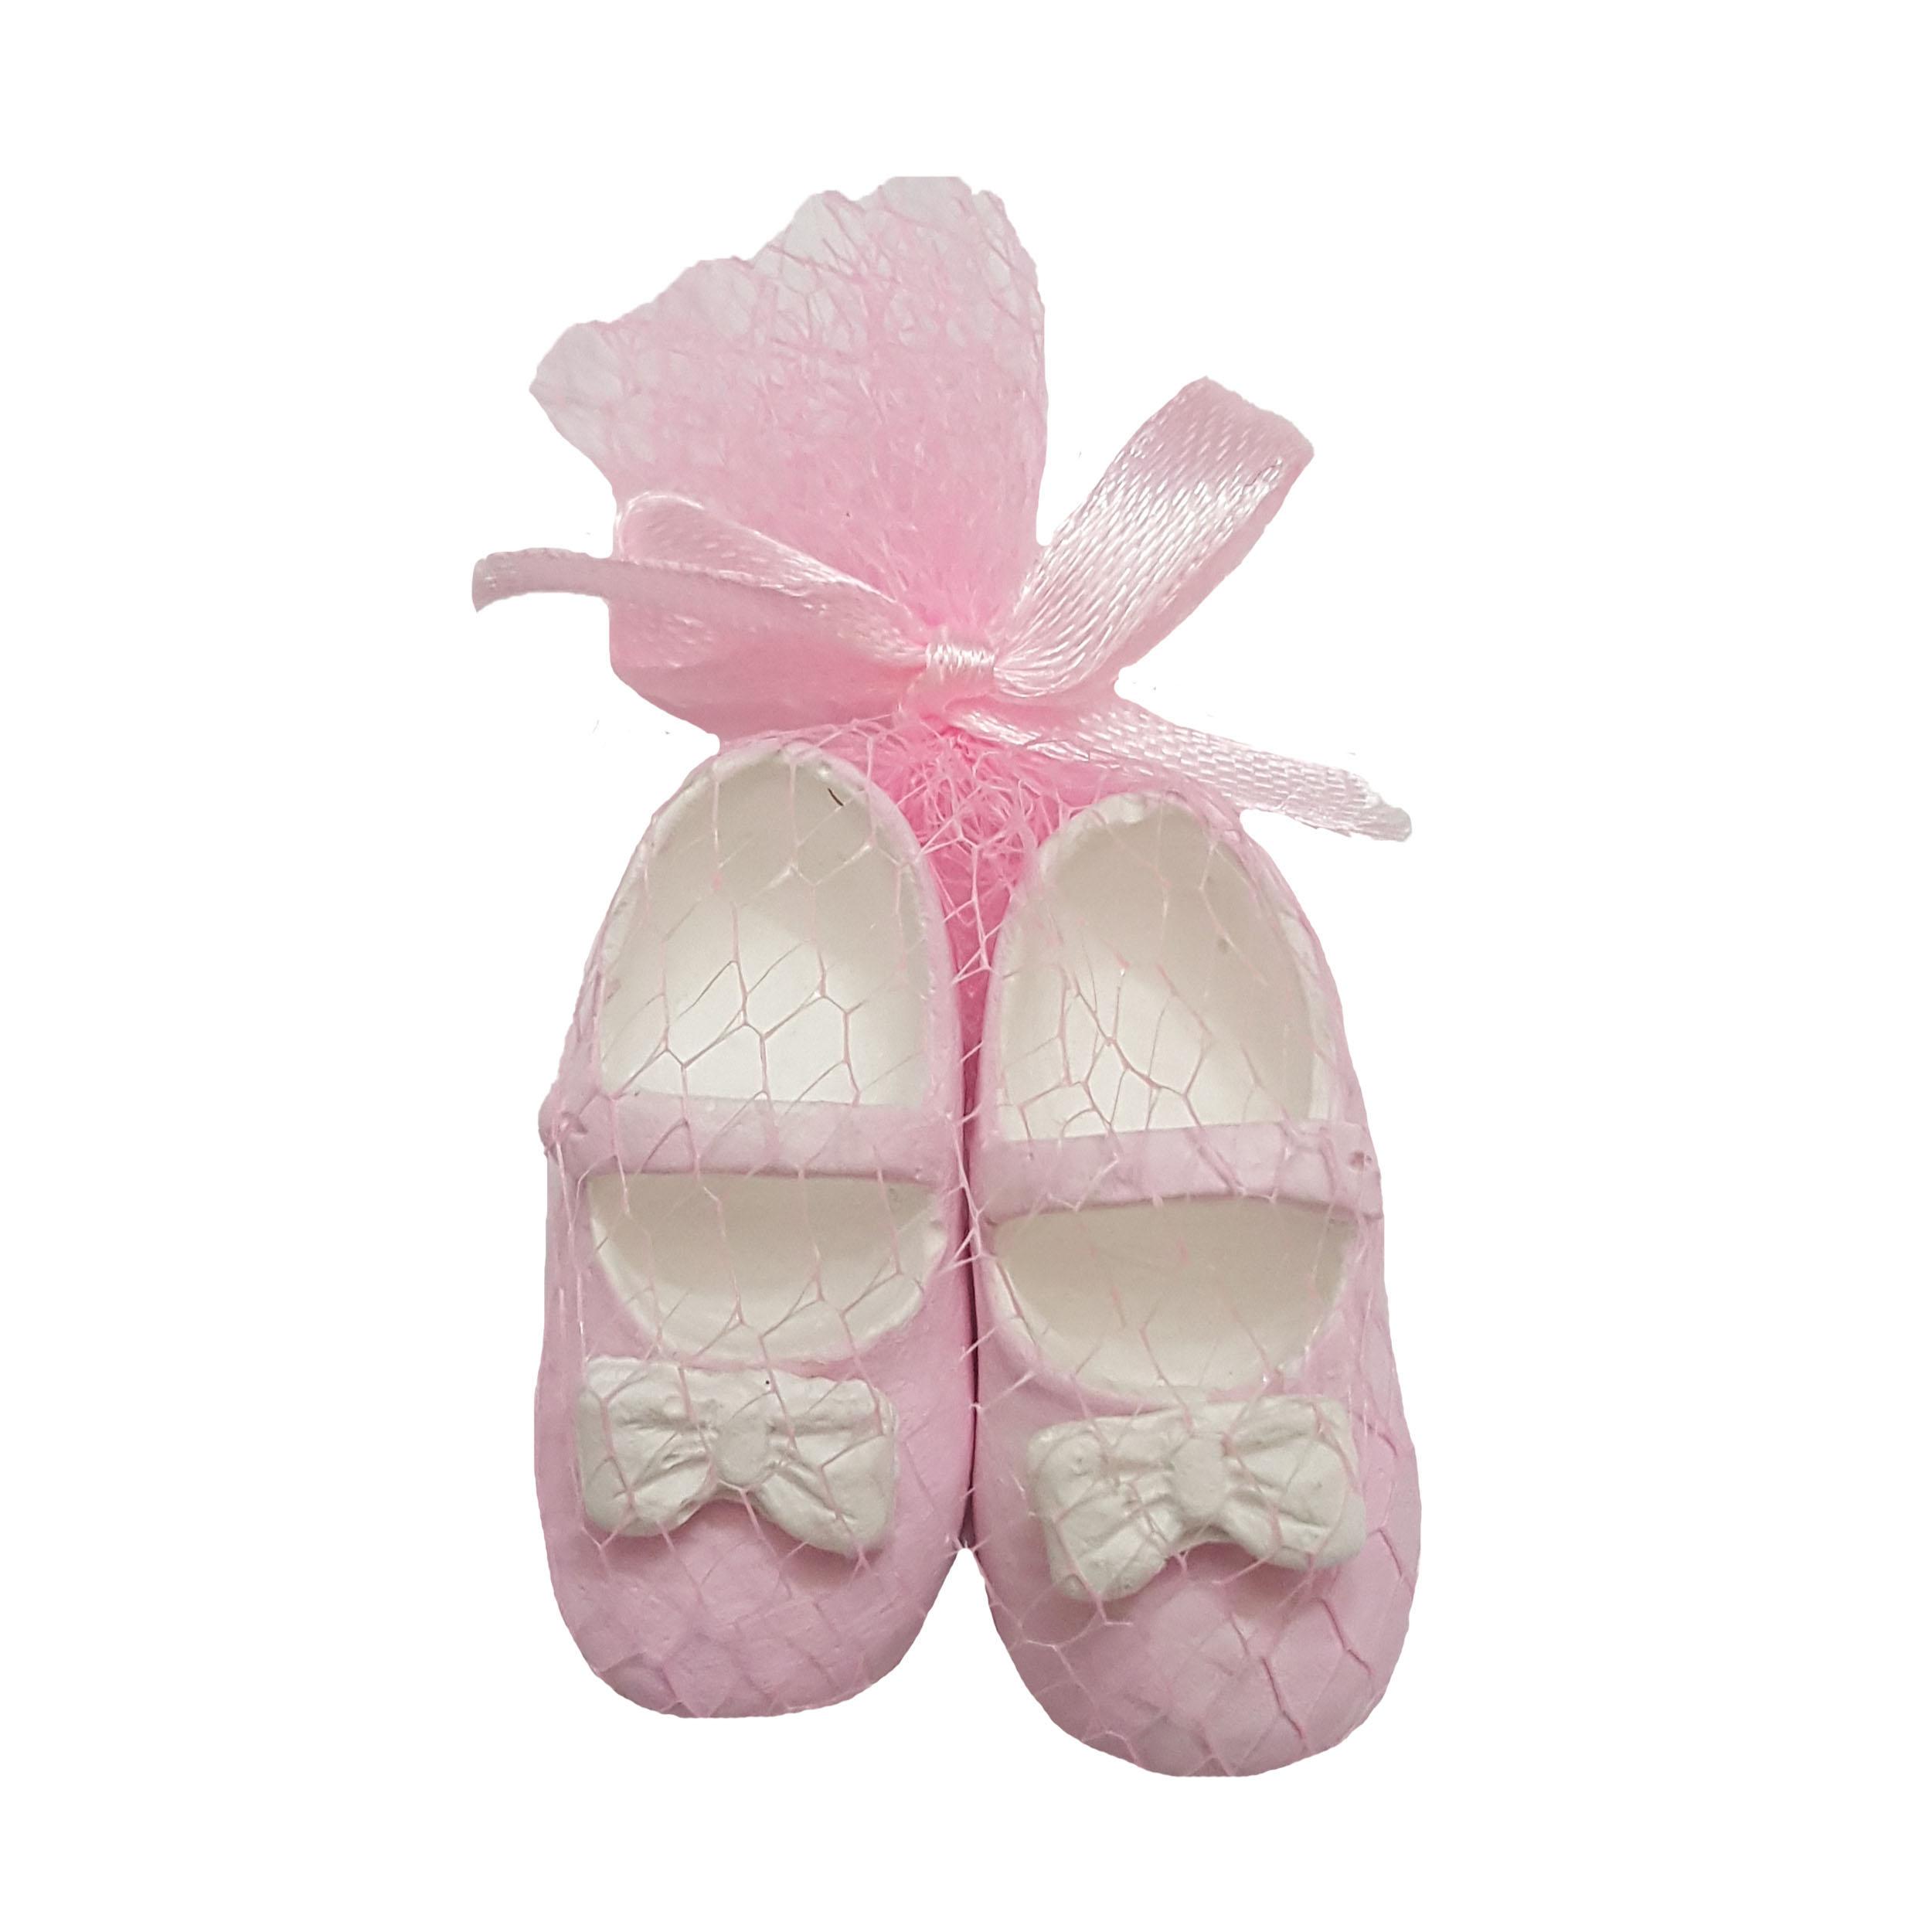 گیفت تولد و سیسمونی کودک طرح کفش دختر بسته 10 عددی